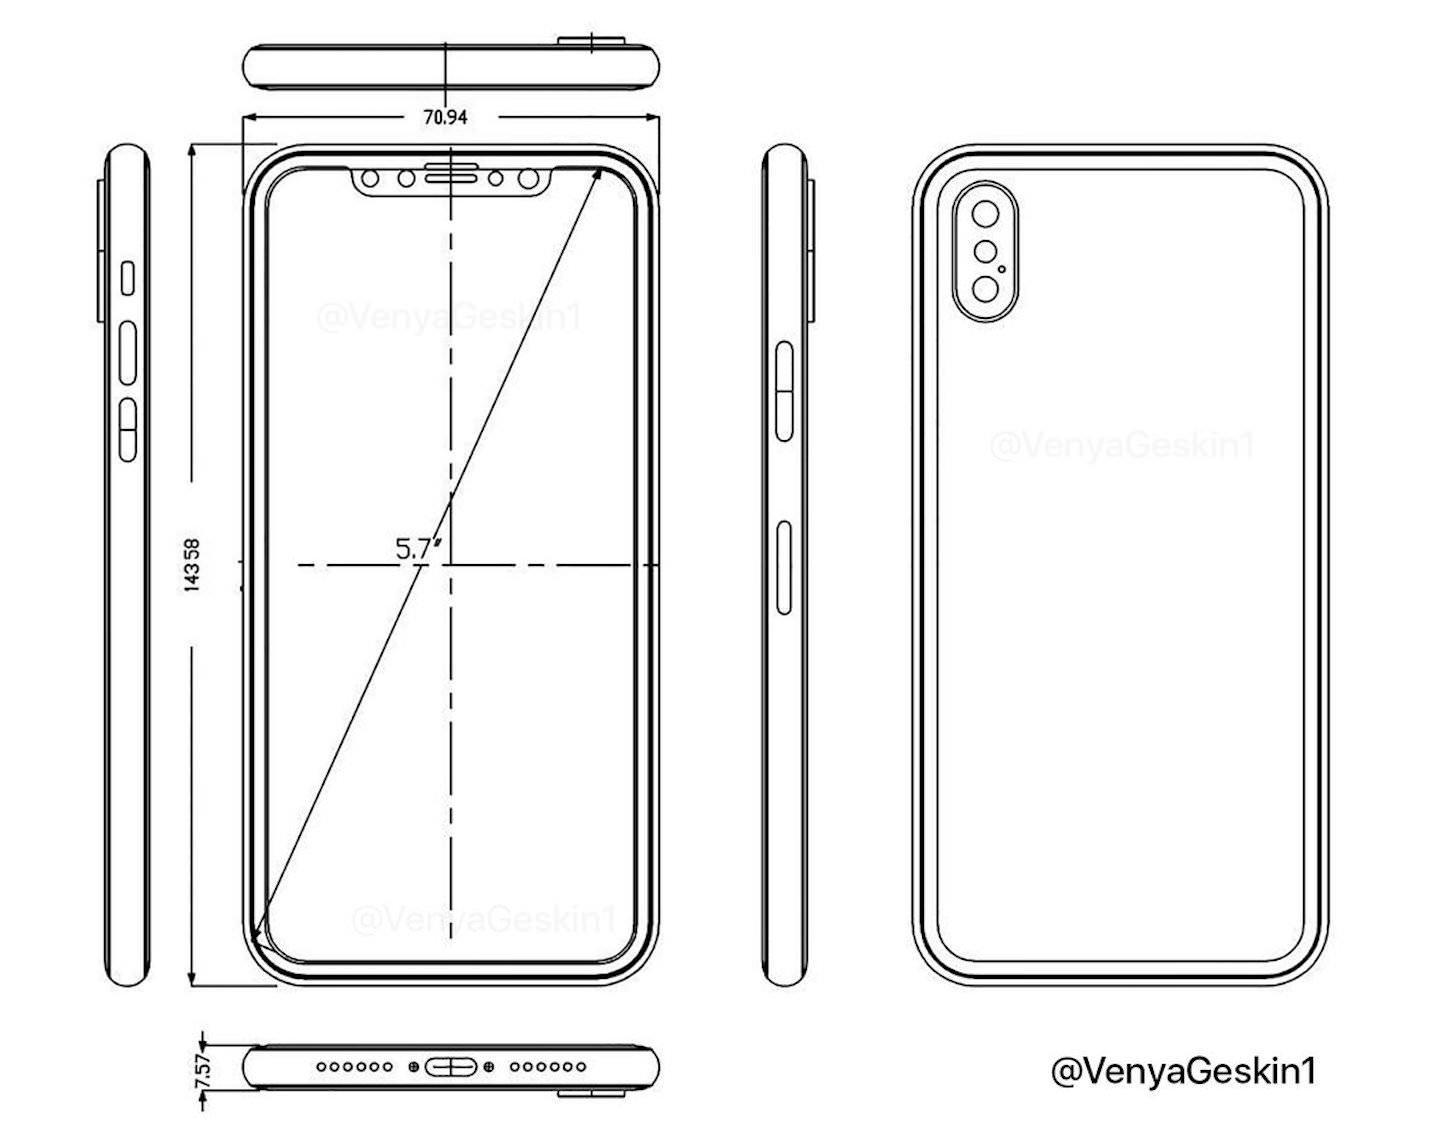 New-Schematics-for-iPhone8.jpg